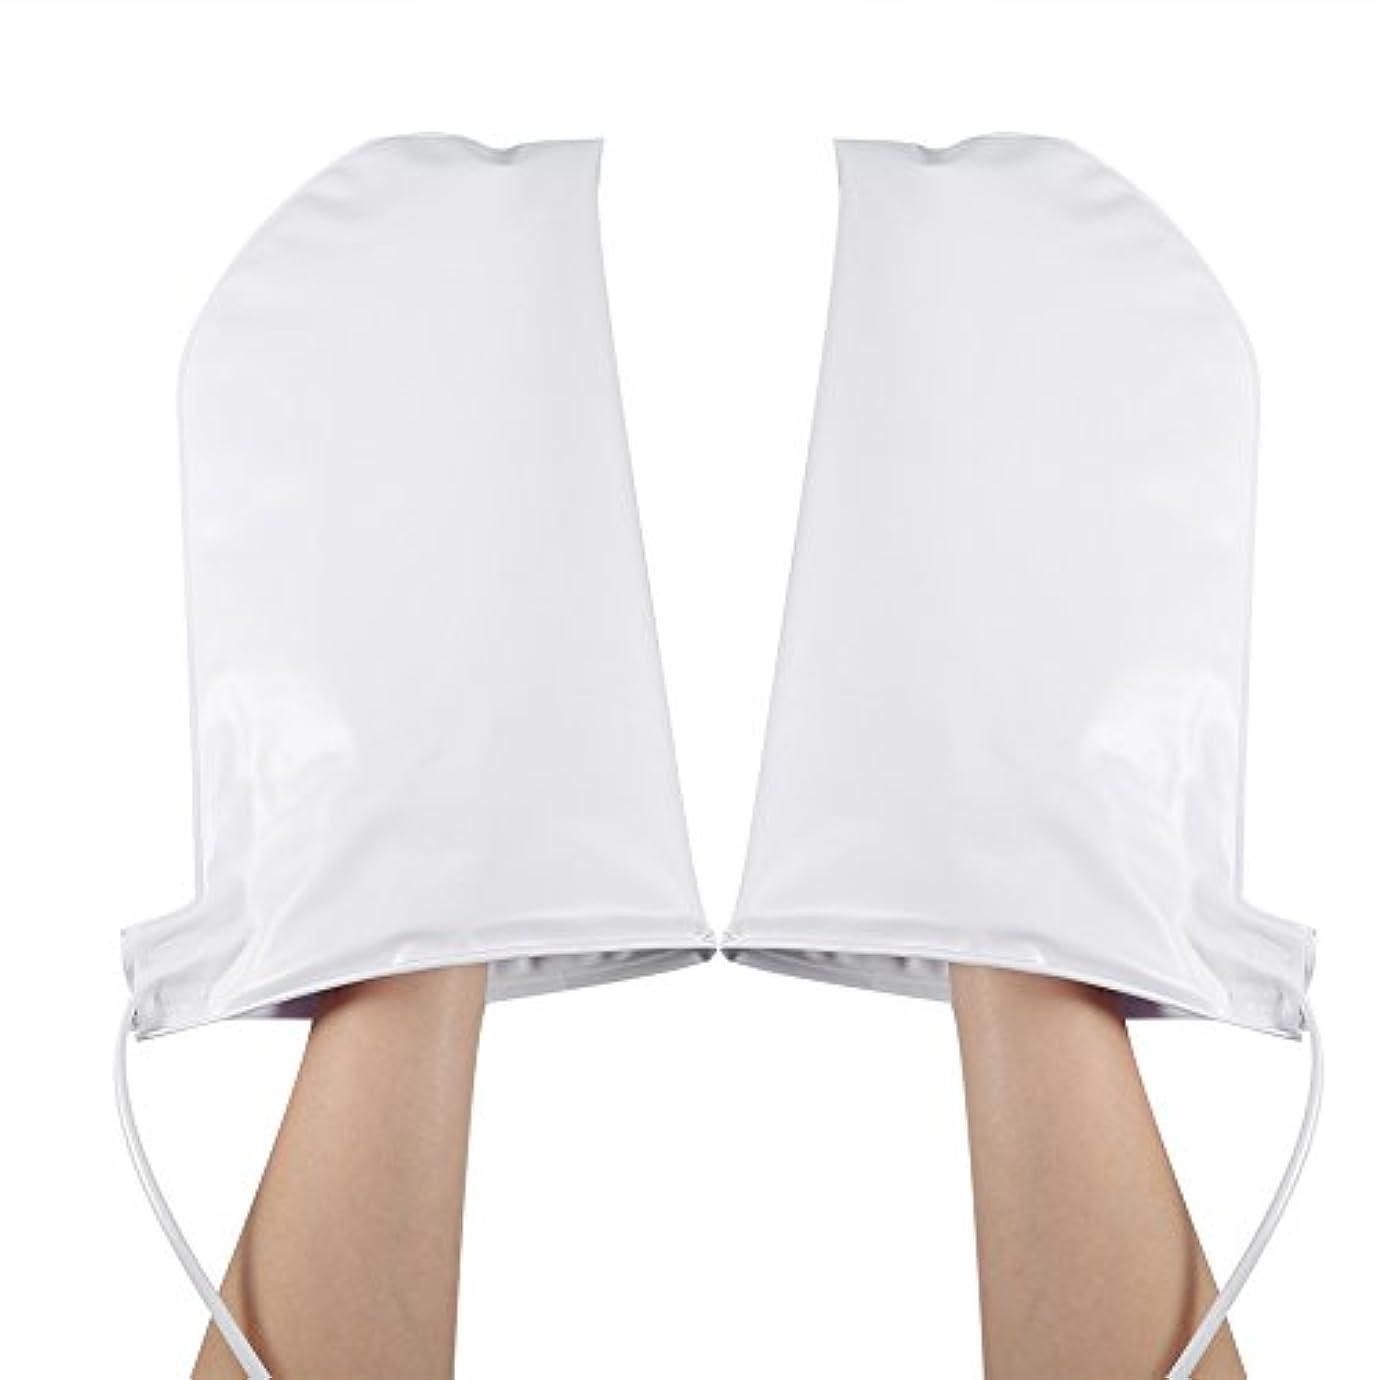 感じるいわゆる傾向手袋 ヒートグローブ 加熱式 電熱 手ケア ハンドケア 2つ加熱モード 乾燥対策 手荒れ対策 補水 保湿 美白 しっとり